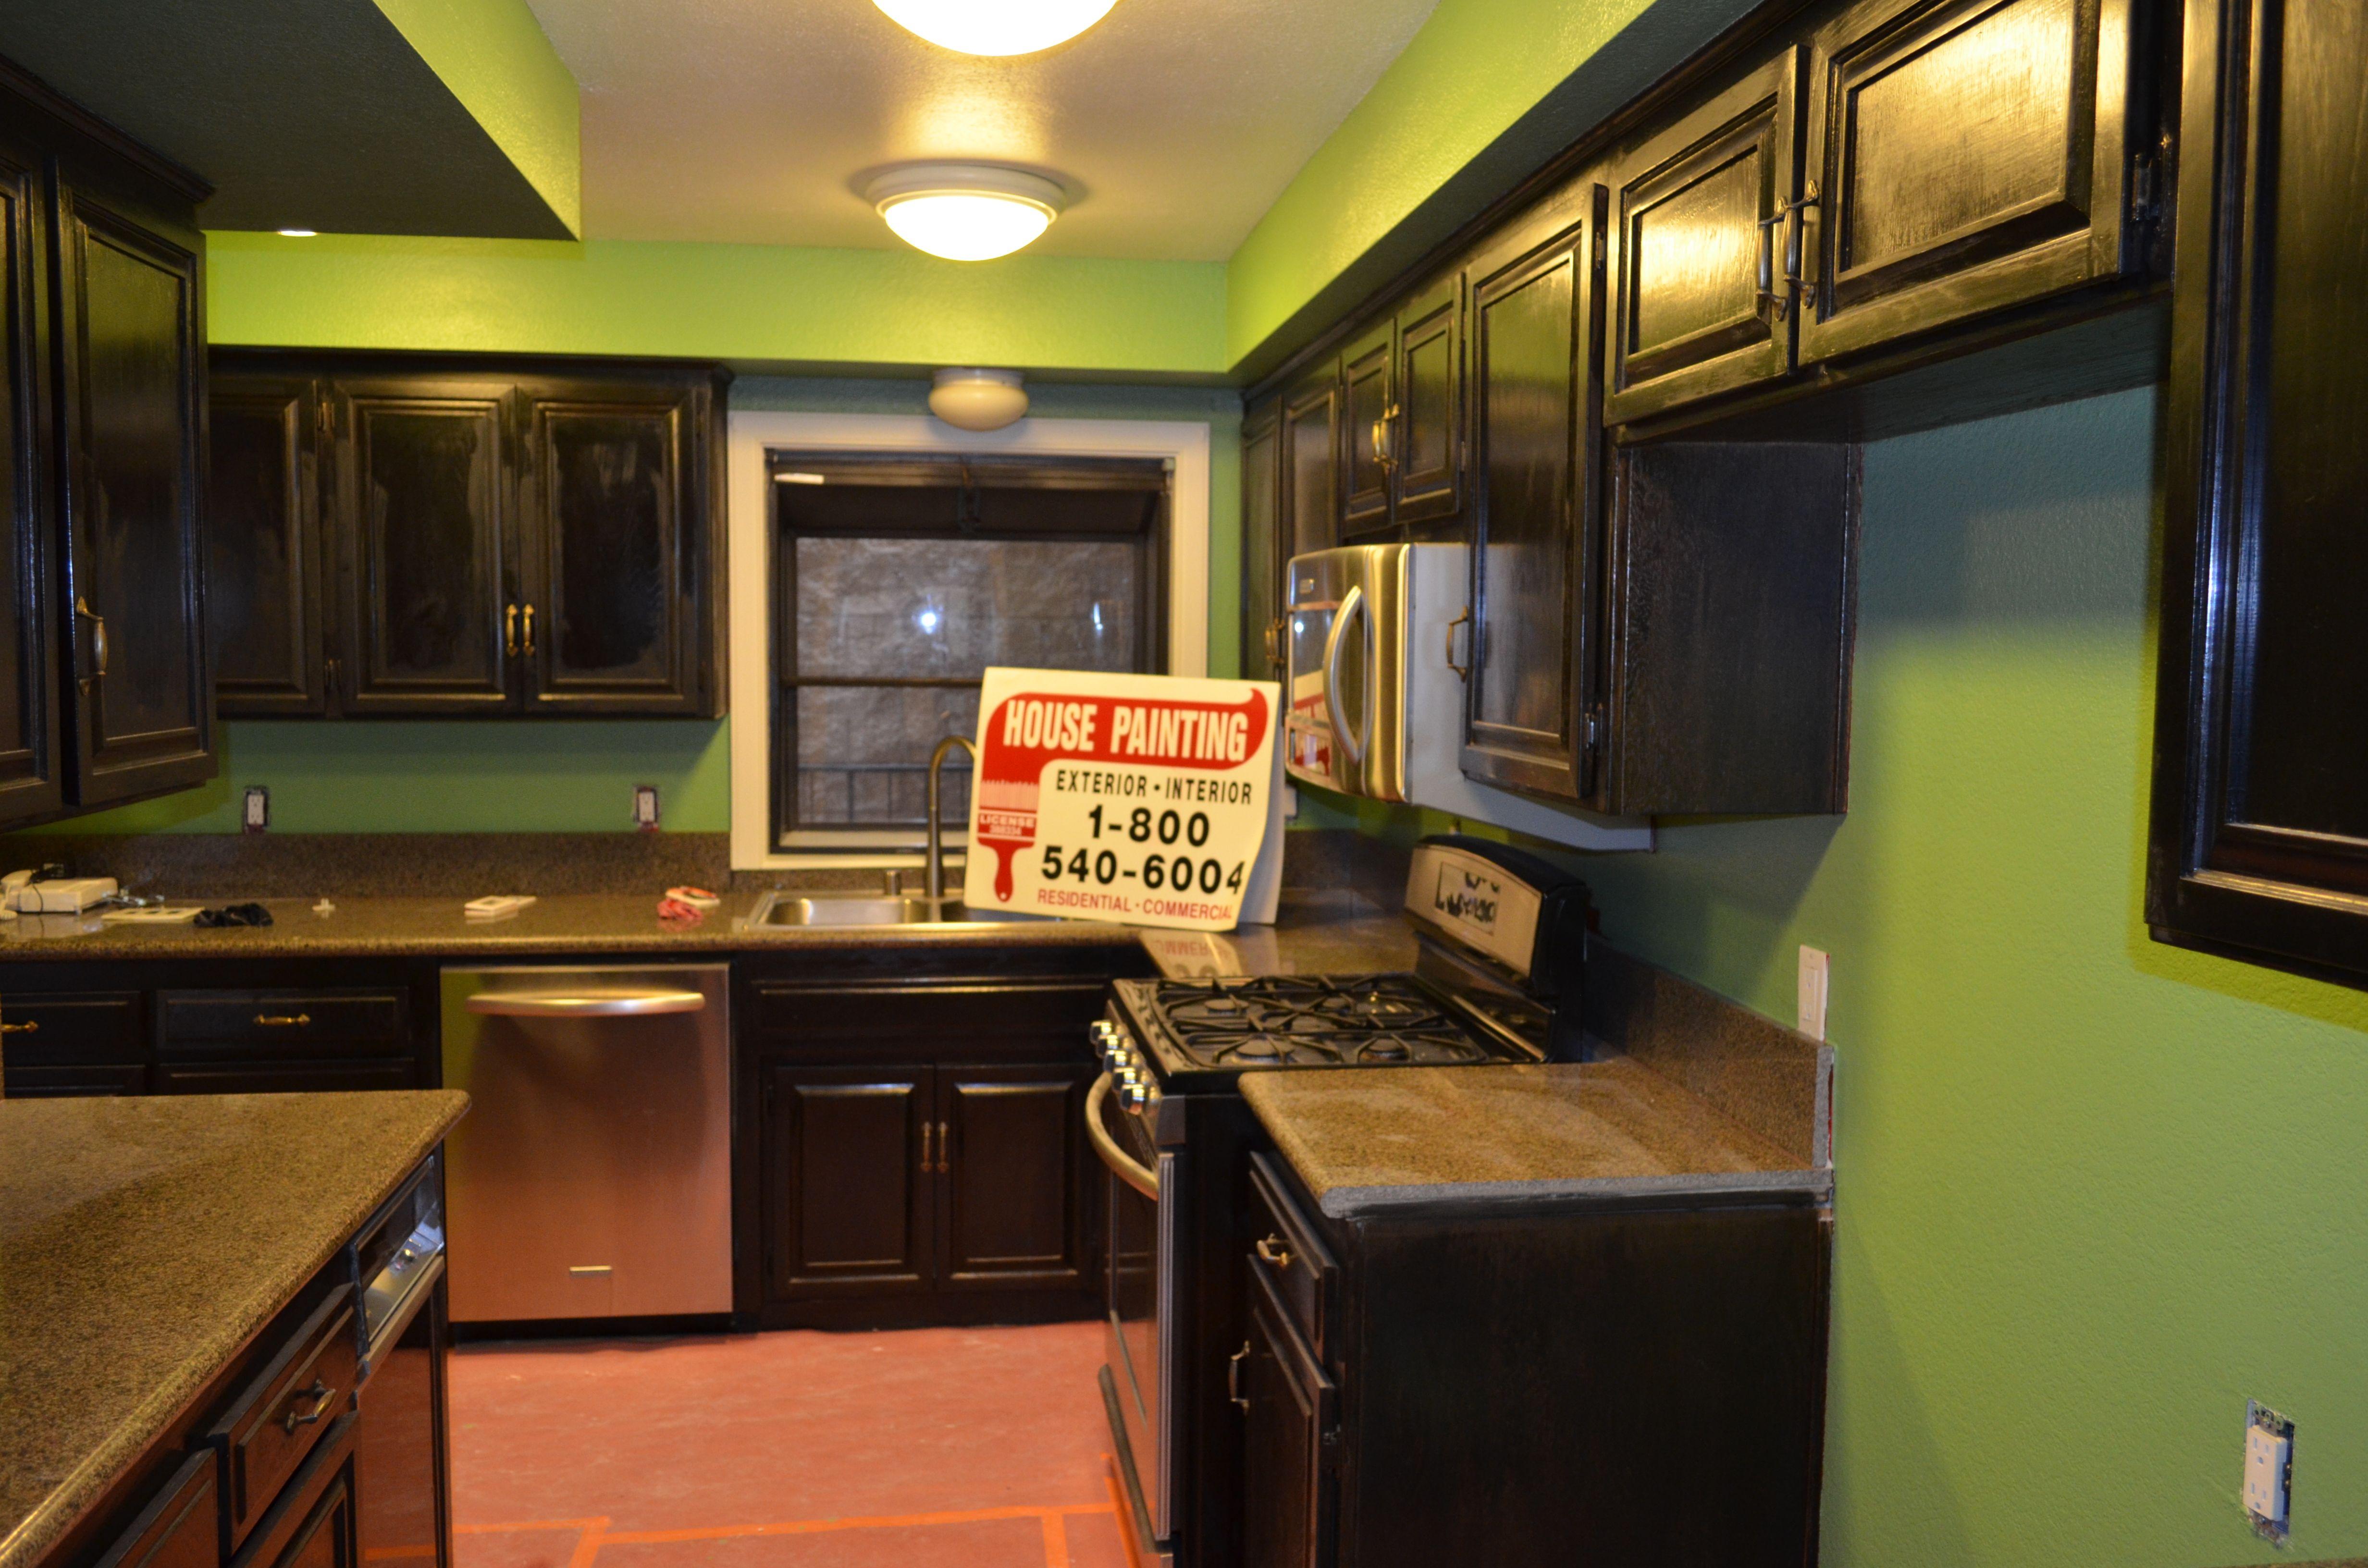 New Home Depot Paint Associate Job Description Insured Home Depot Paint New Homes Home Depot